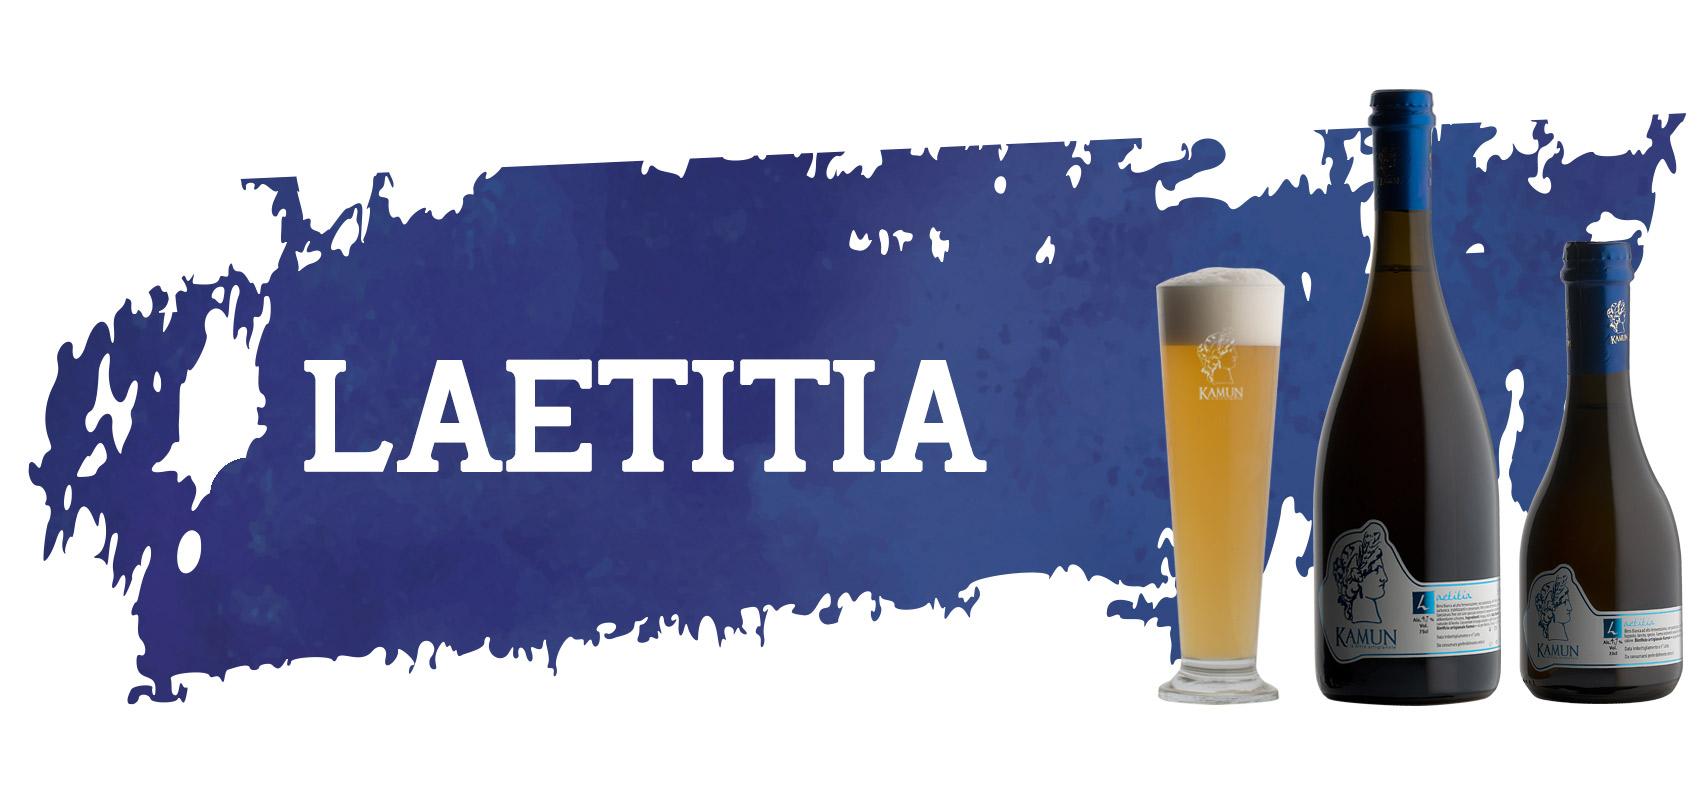 laetitia-title-new